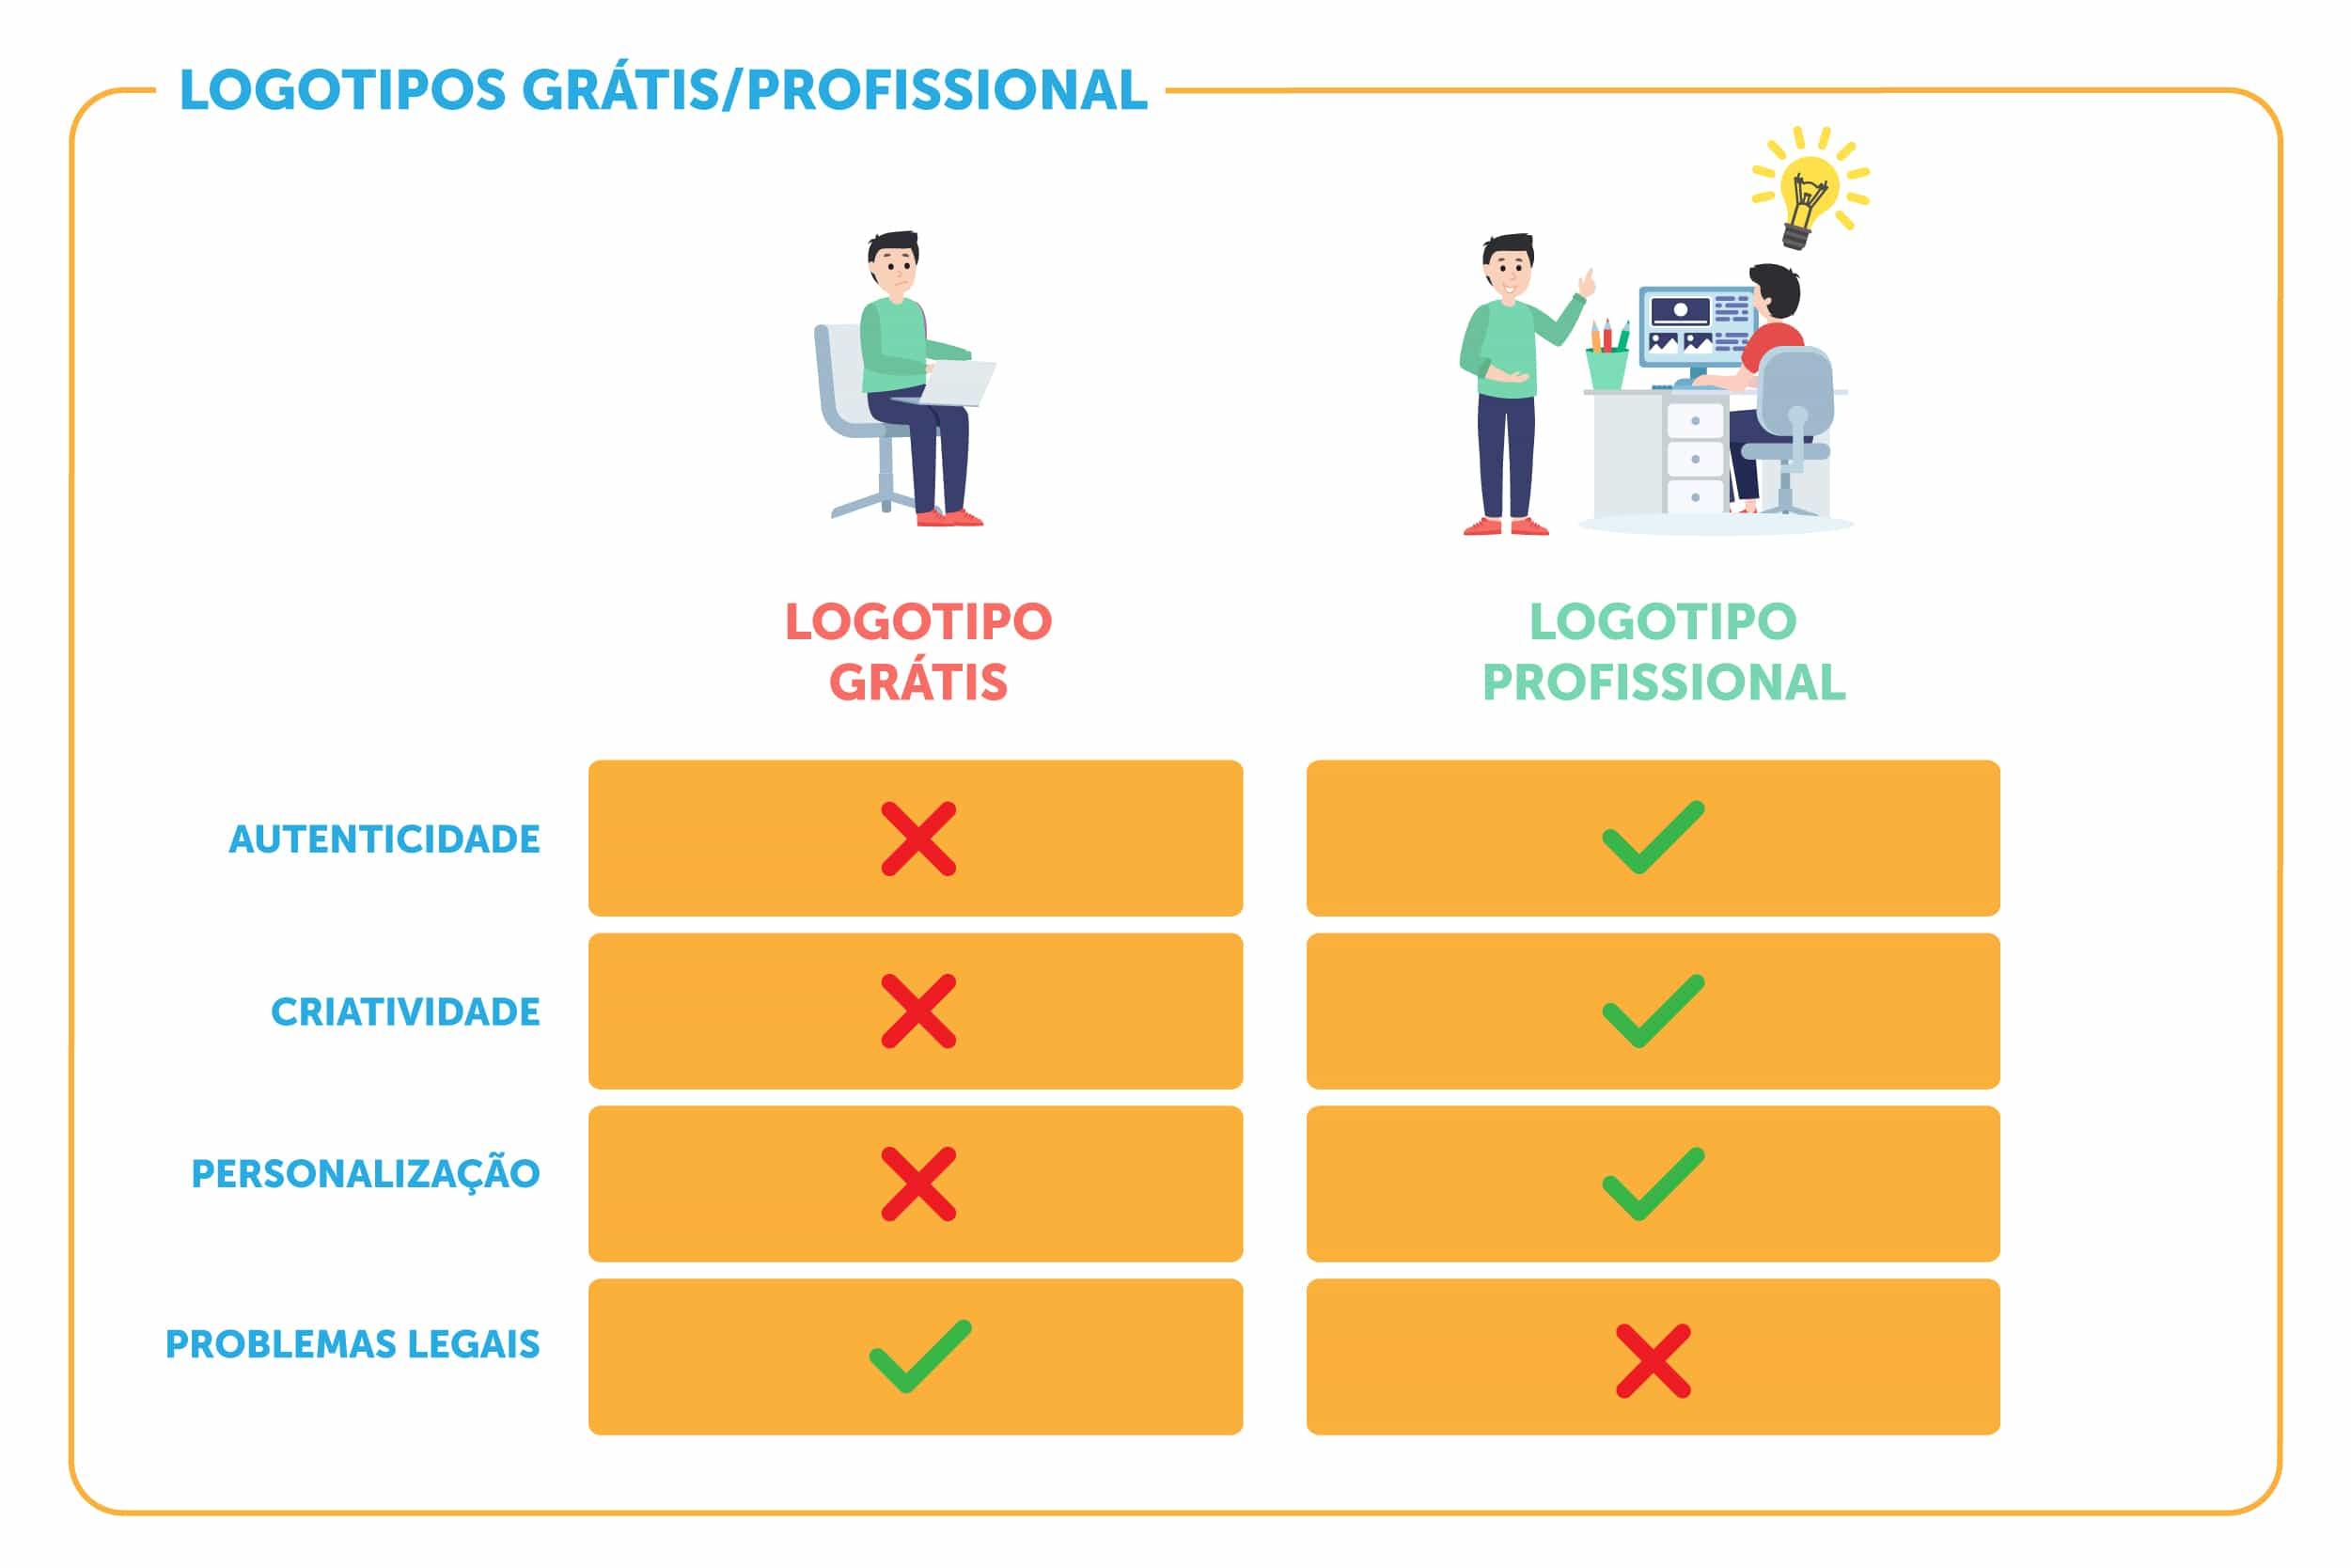 Comparação entre logotipos online grátis e logotipos profissionais